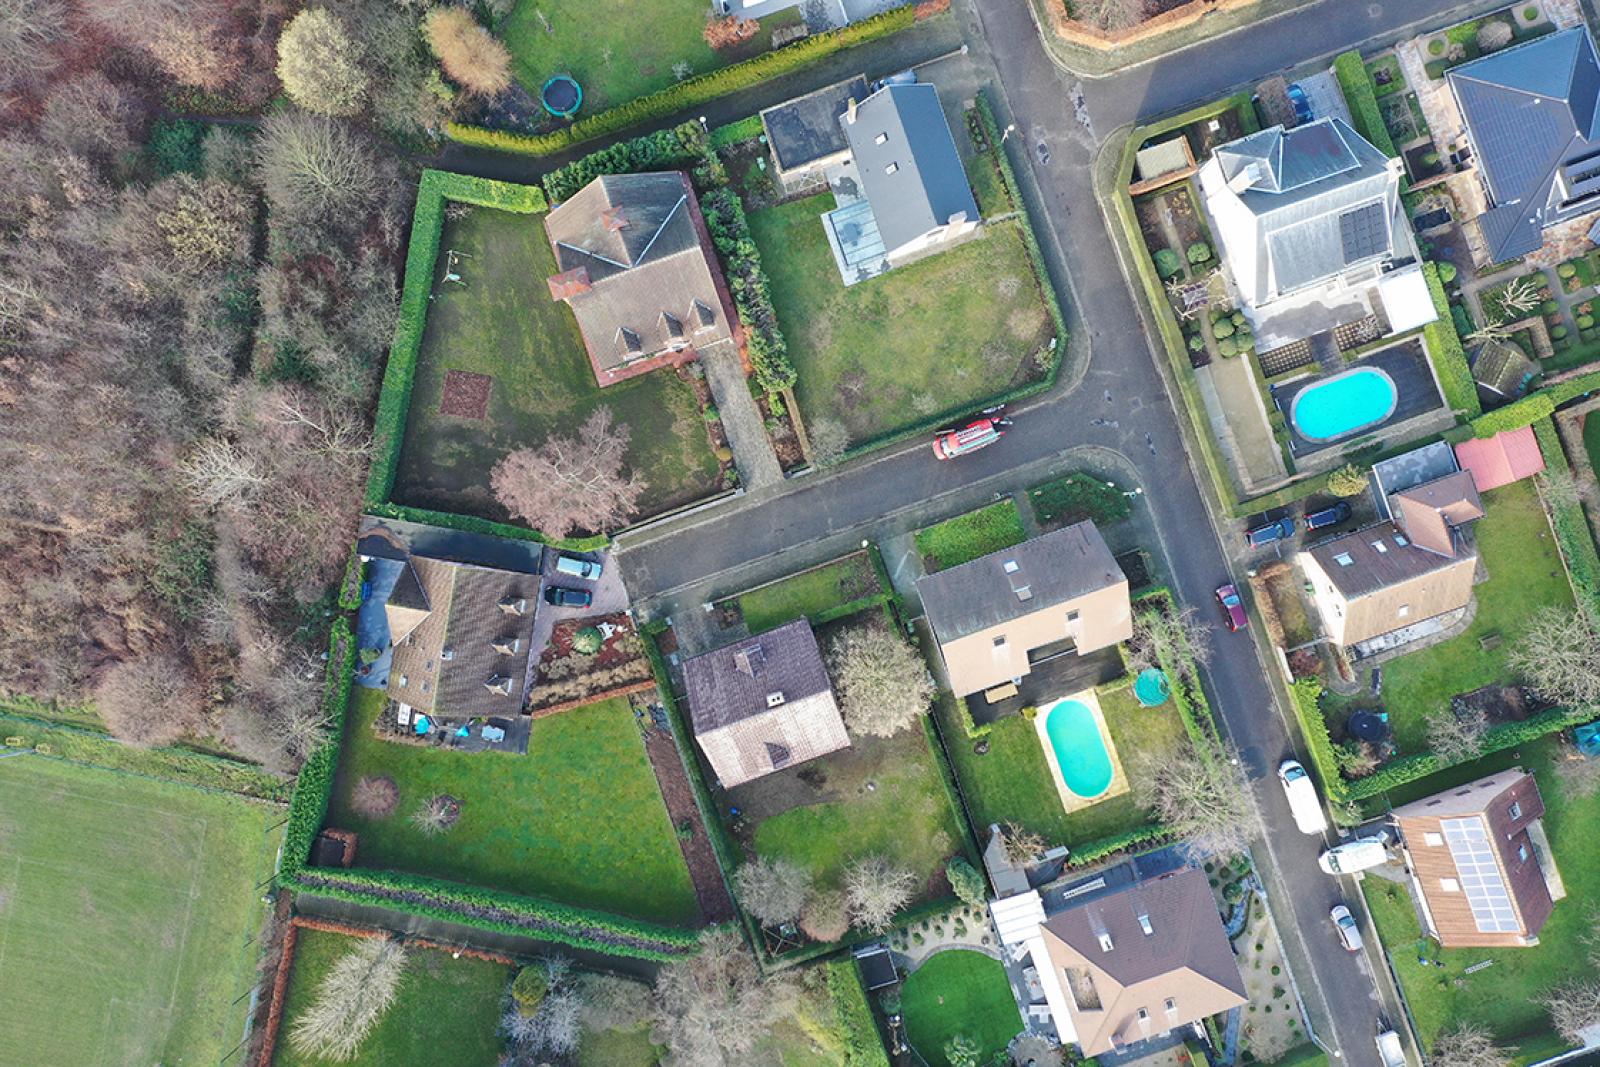 Stijlvolle landelijke villa op een perceel van 1.107 m² in een zeer gegeerd doodlopend straatje te Linkeroever! afbeelding 2